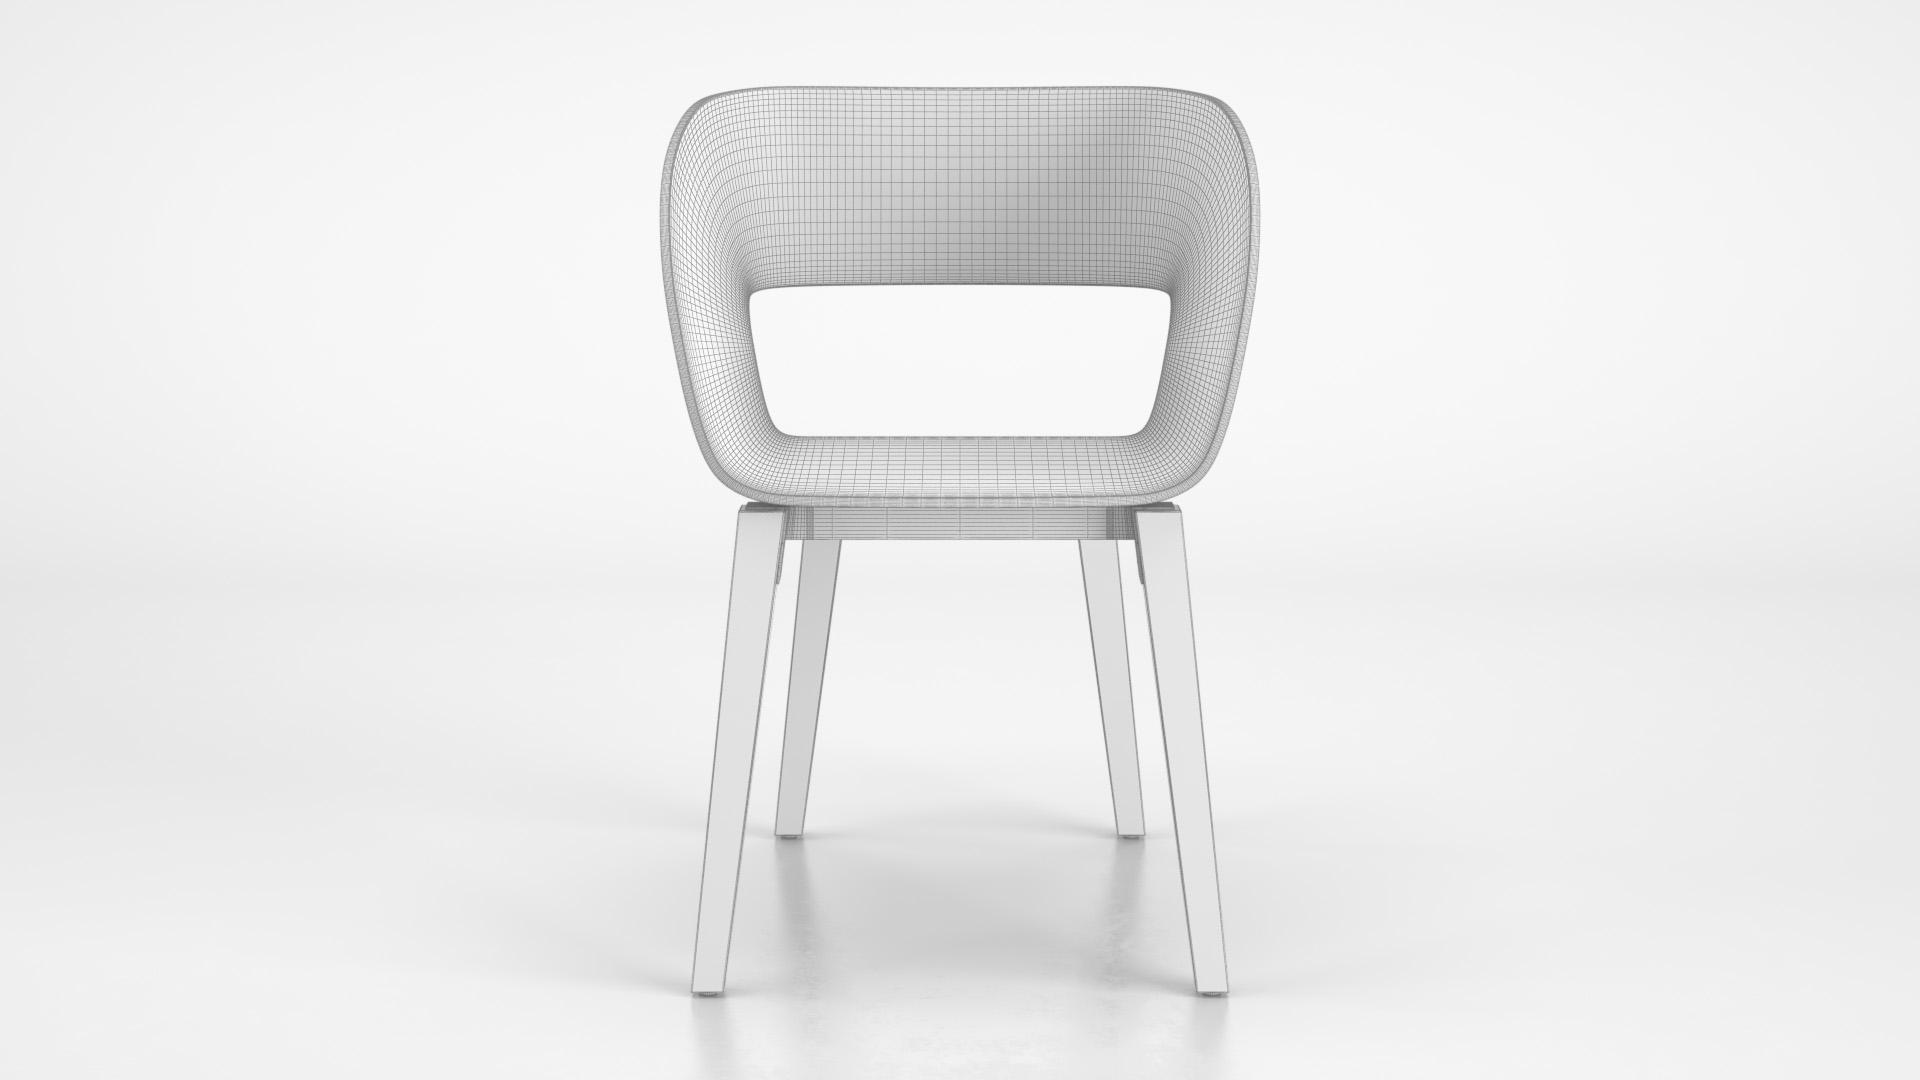 Tribu_Vintage_Chair_TeakLegs_WhiteSet_01_wire_0001